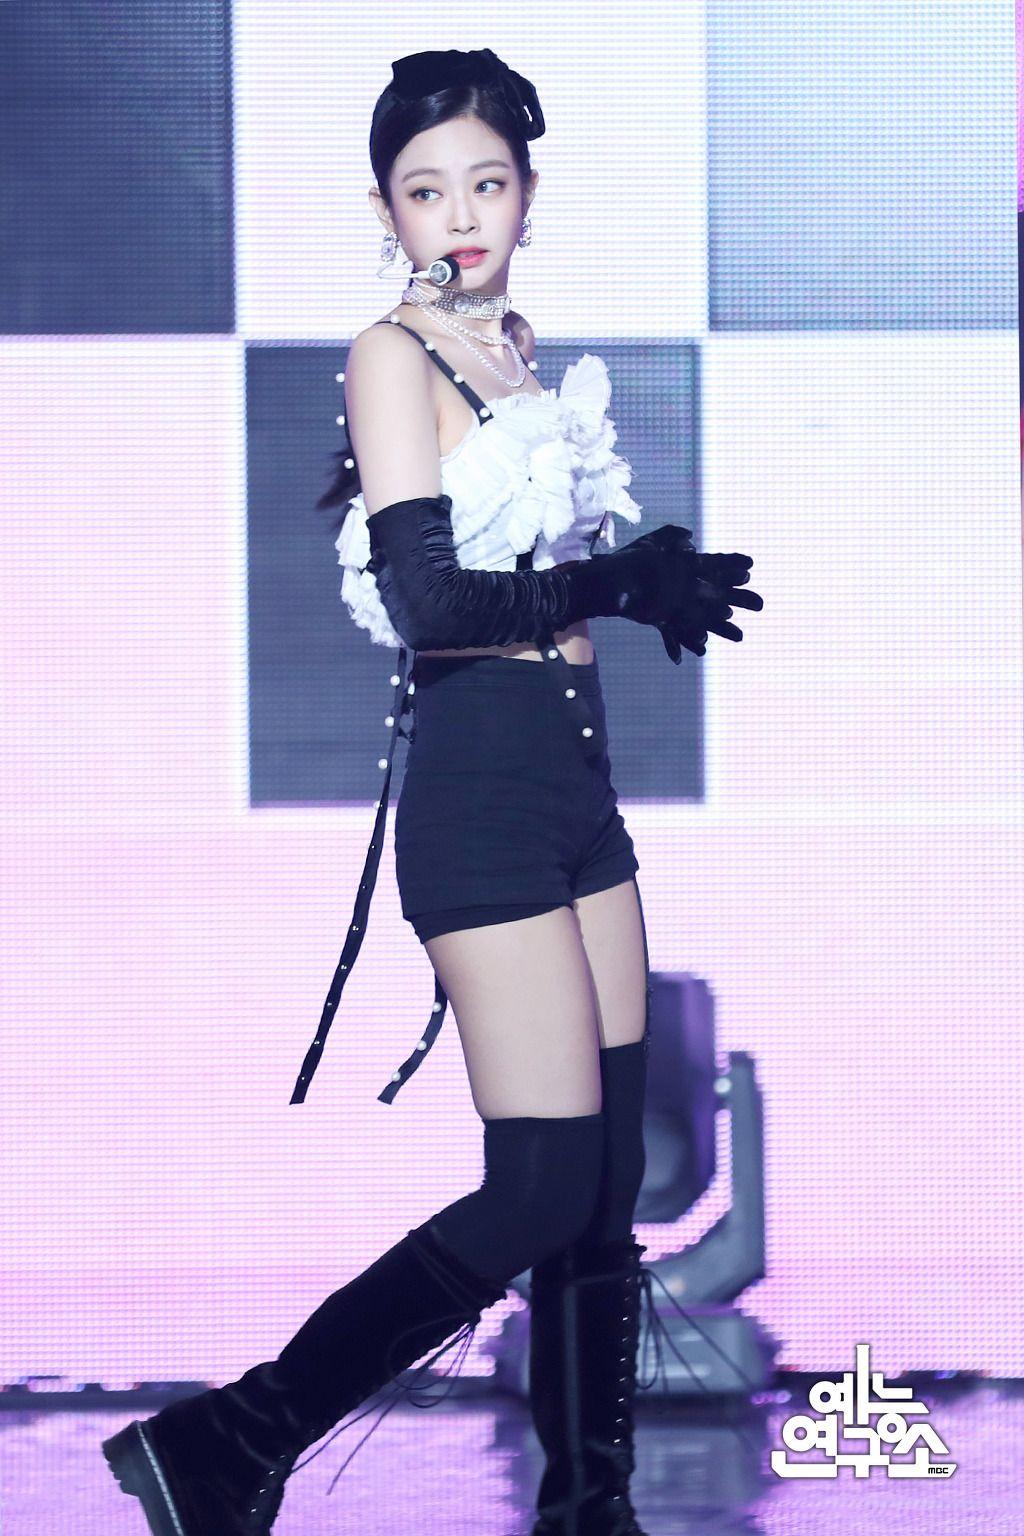 제니 섹시한 무대의상 무대 의상, 패션 스타일, 패션